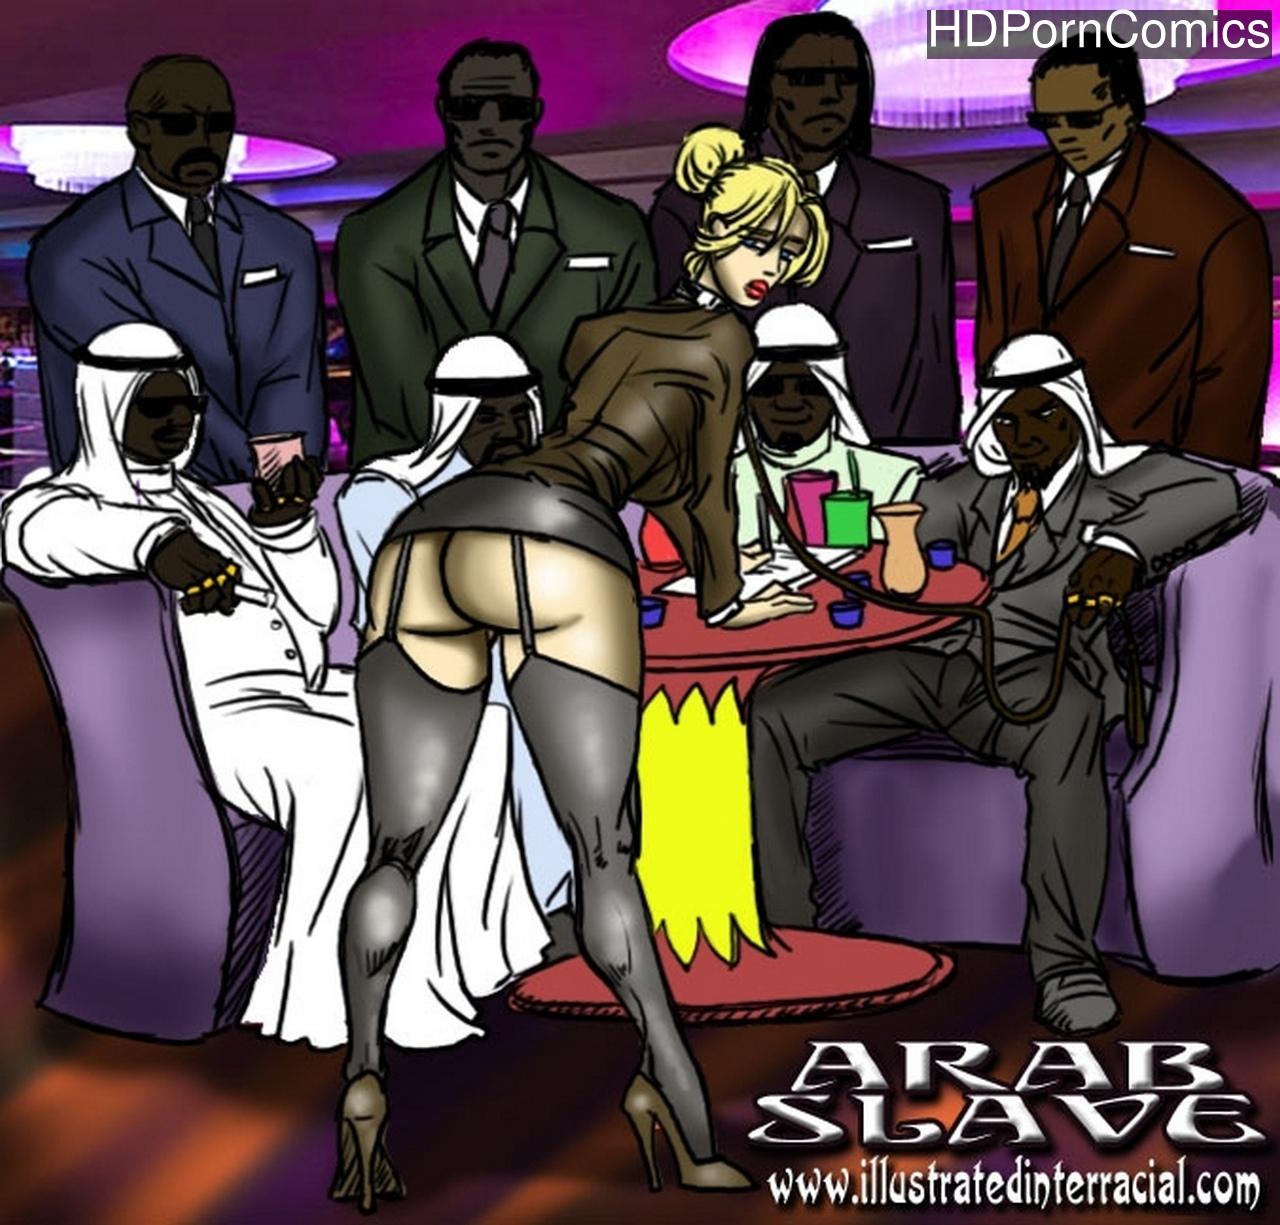 Arab Rape Porn arab slave comic porn - hd porn comics